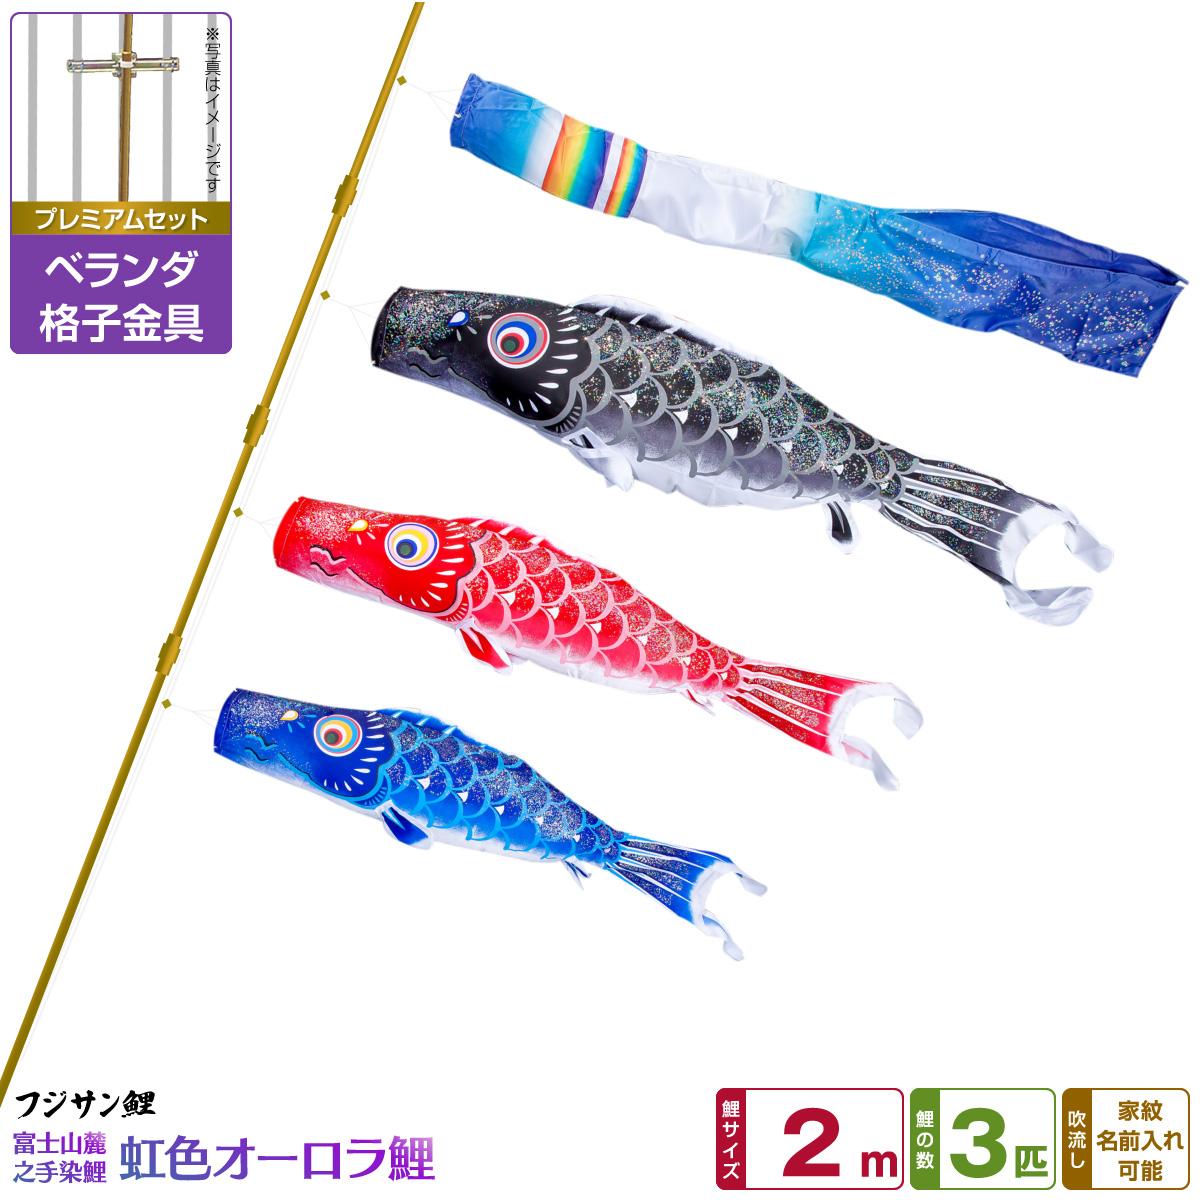 ベランダ用 こいのぼり 鯉のぼり フジサン鯉 オーロラ鯉 2m 6点(吹流し+鯉3匹+矢車+ロープ)/プレミアムセット(格子金具)